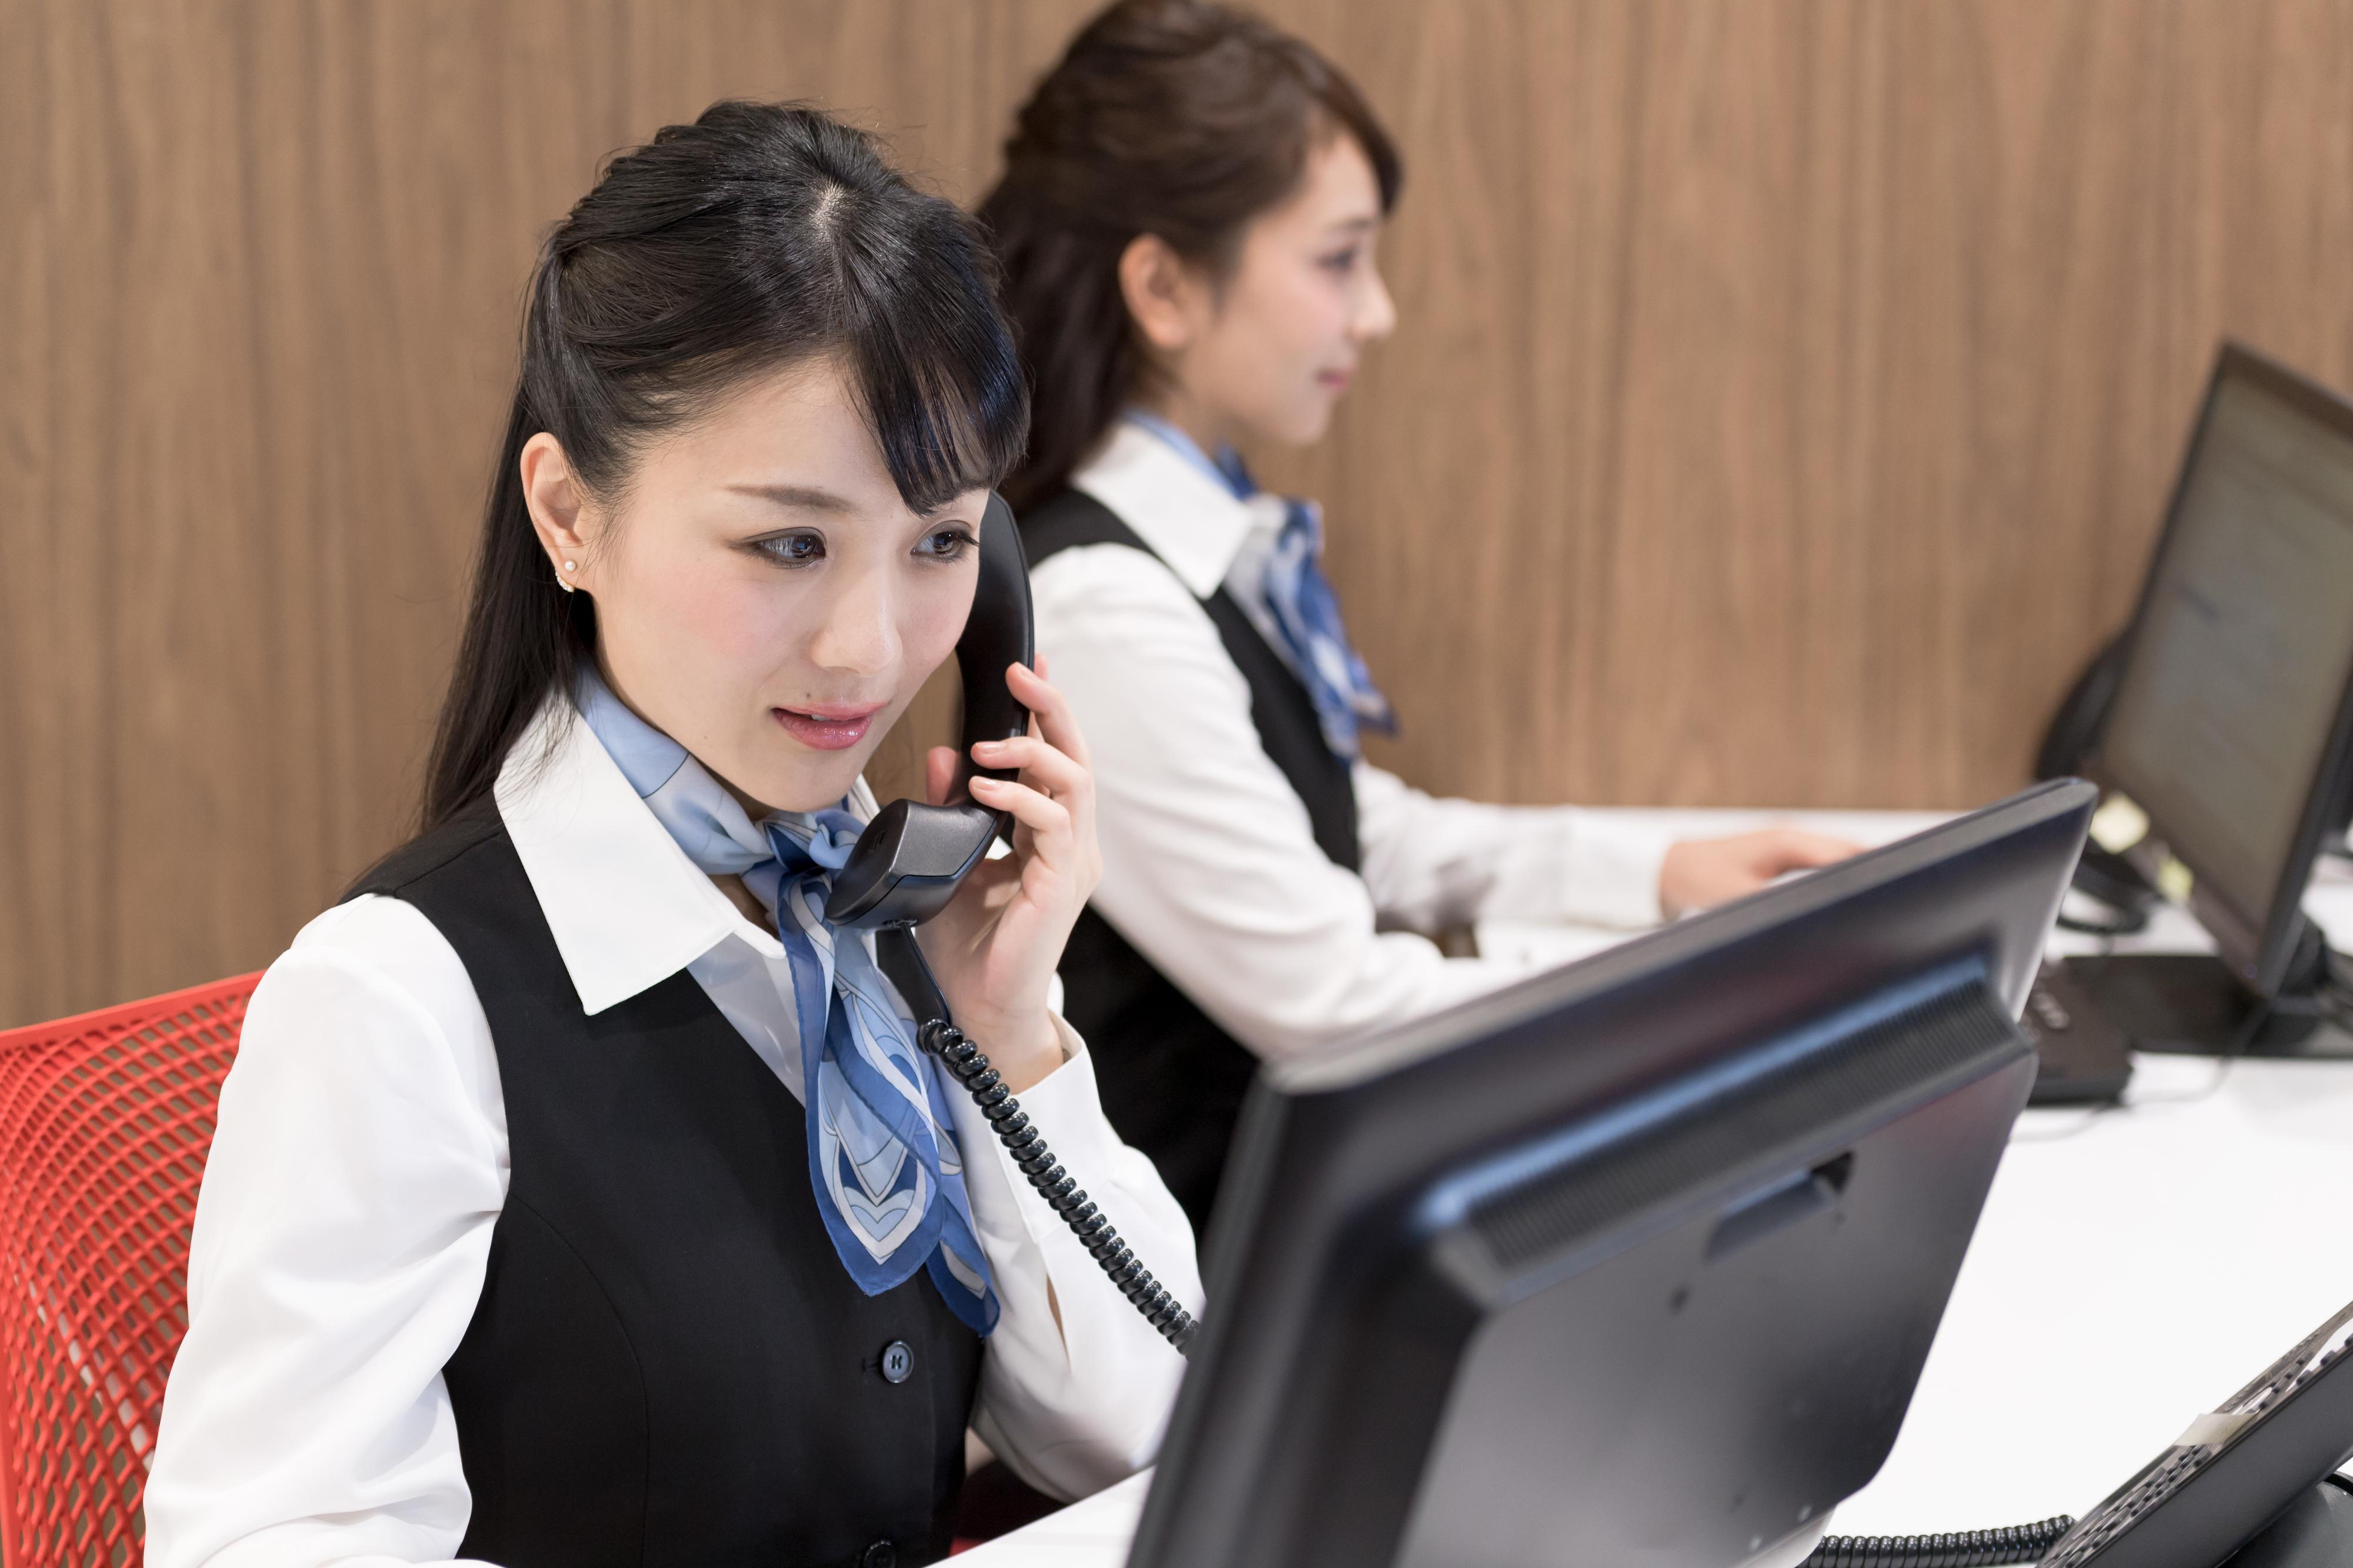 プロミスコールが業界ではトップクラスの接客技術を身につけた理由